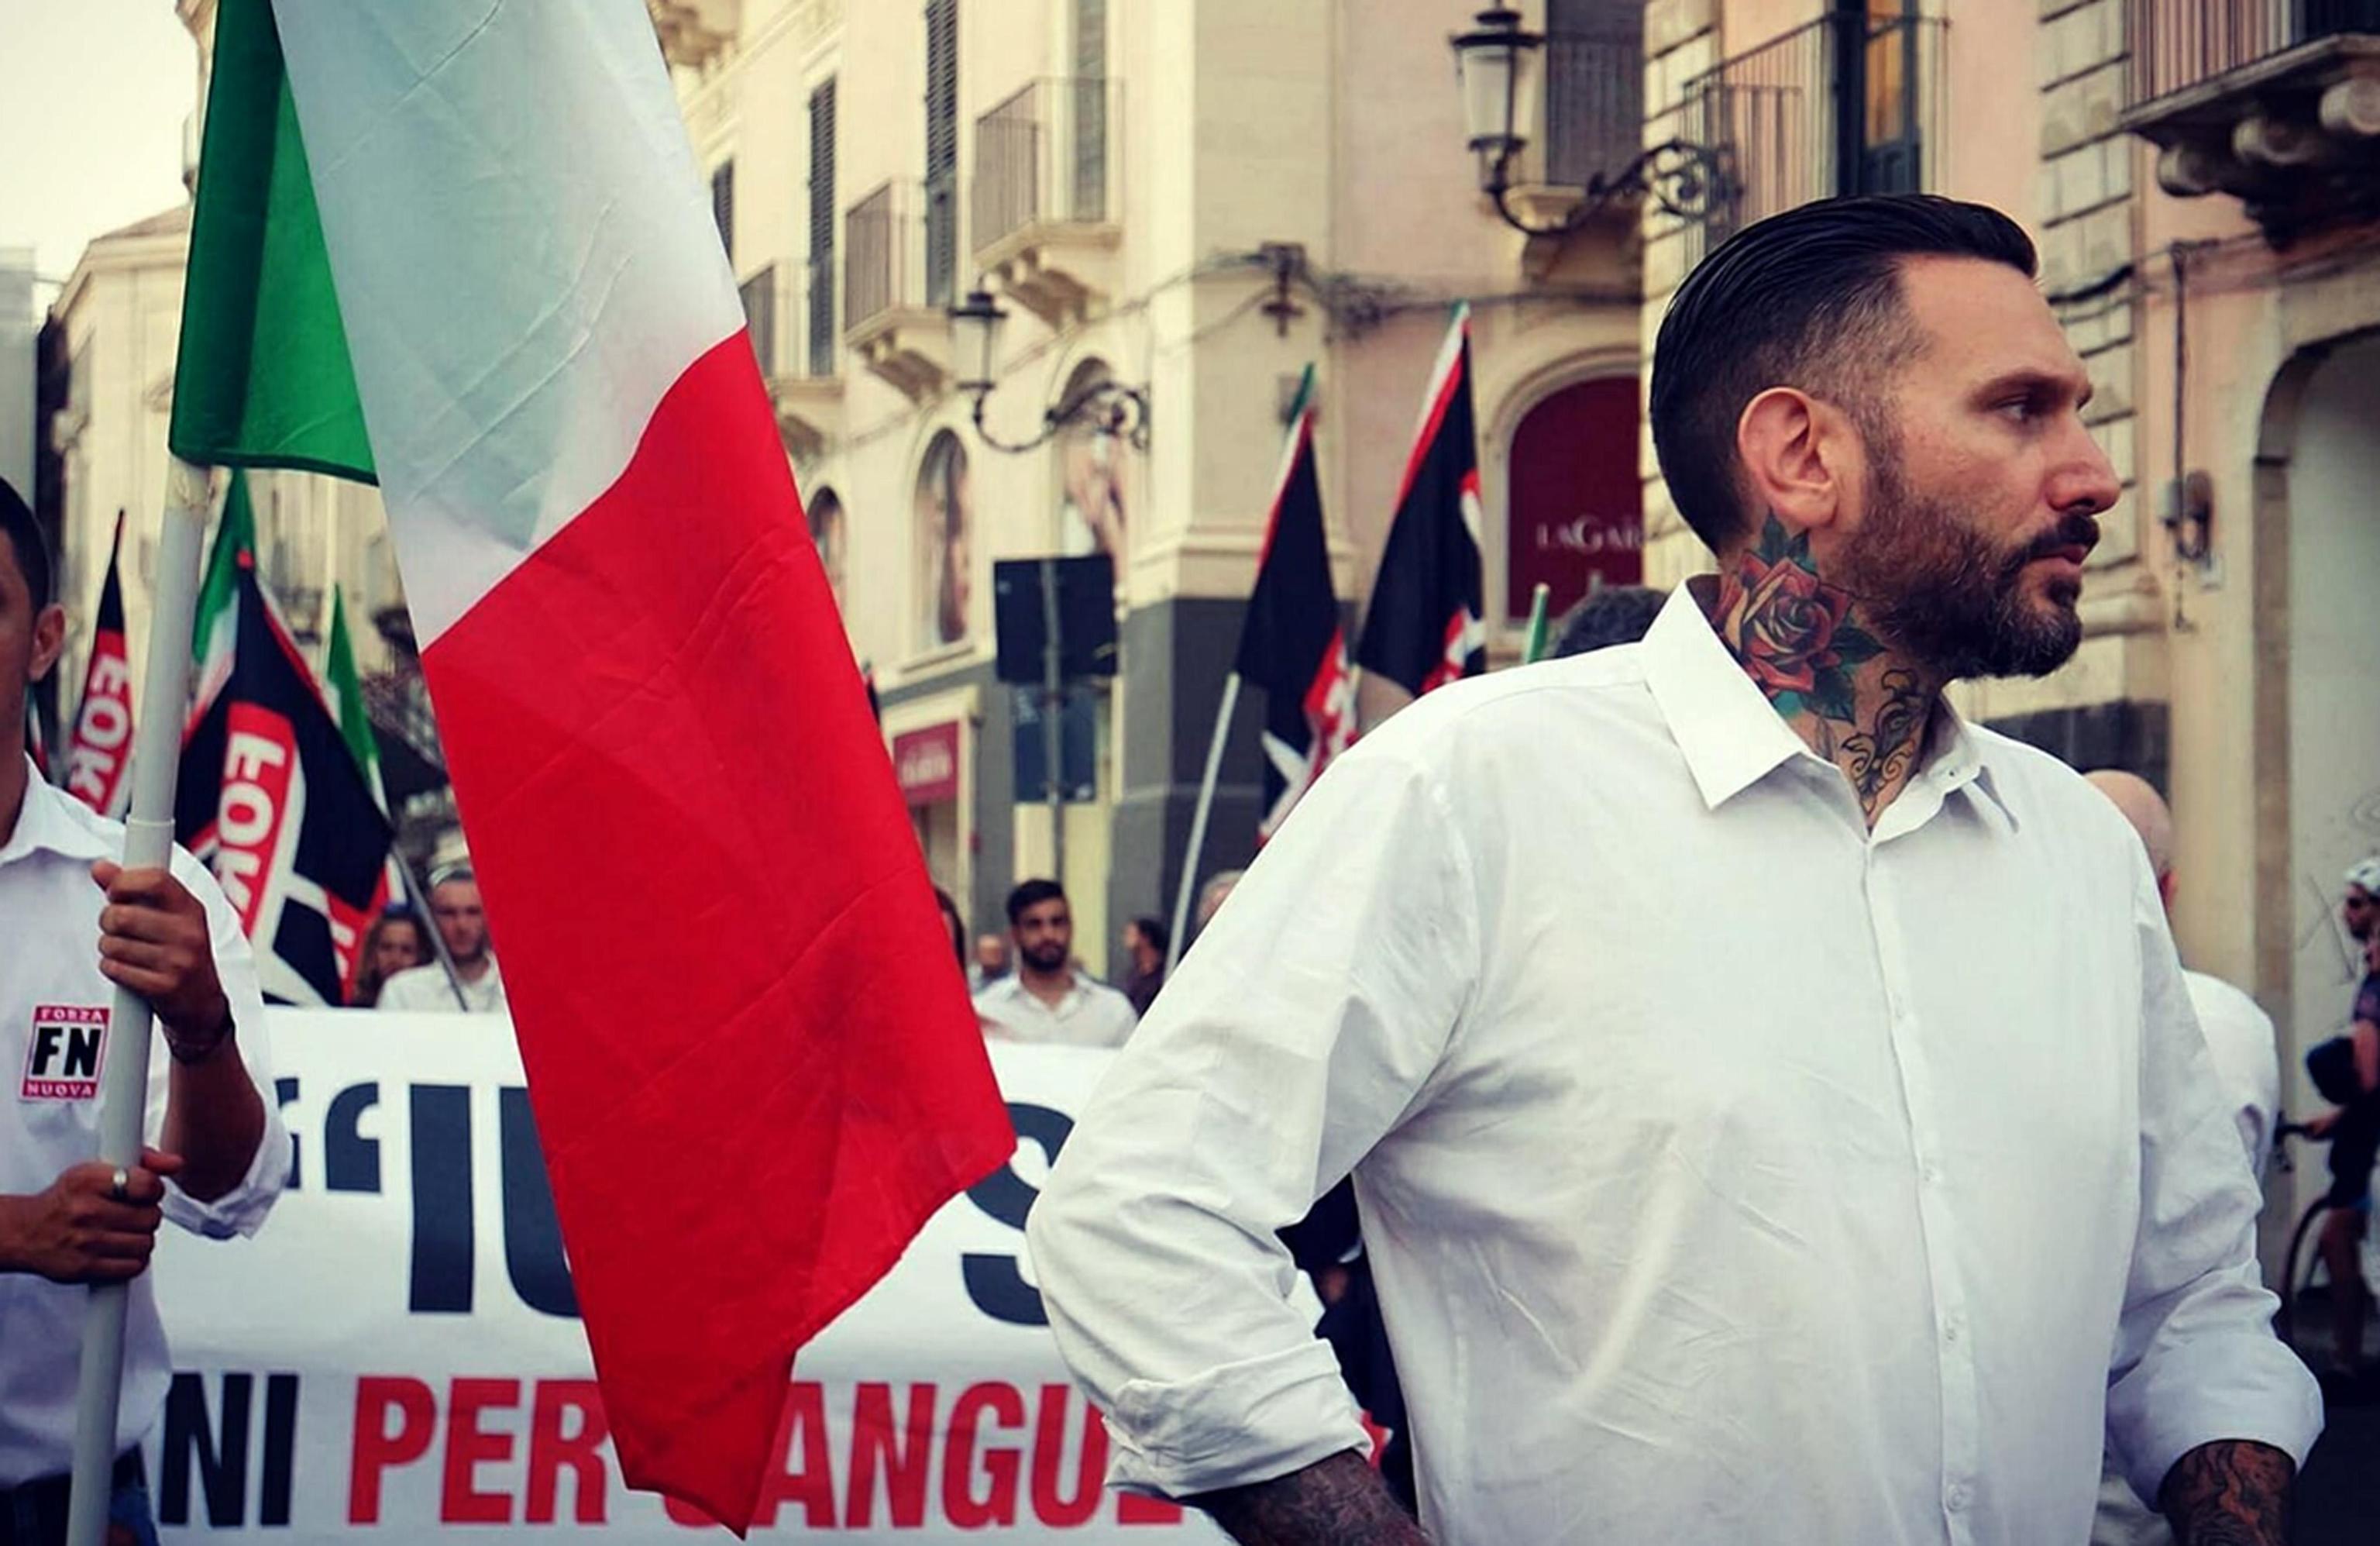 Altri due arresti per l'assalto alla sede della Cgil: c'è anche il leader di Forza Nuova a Palermo